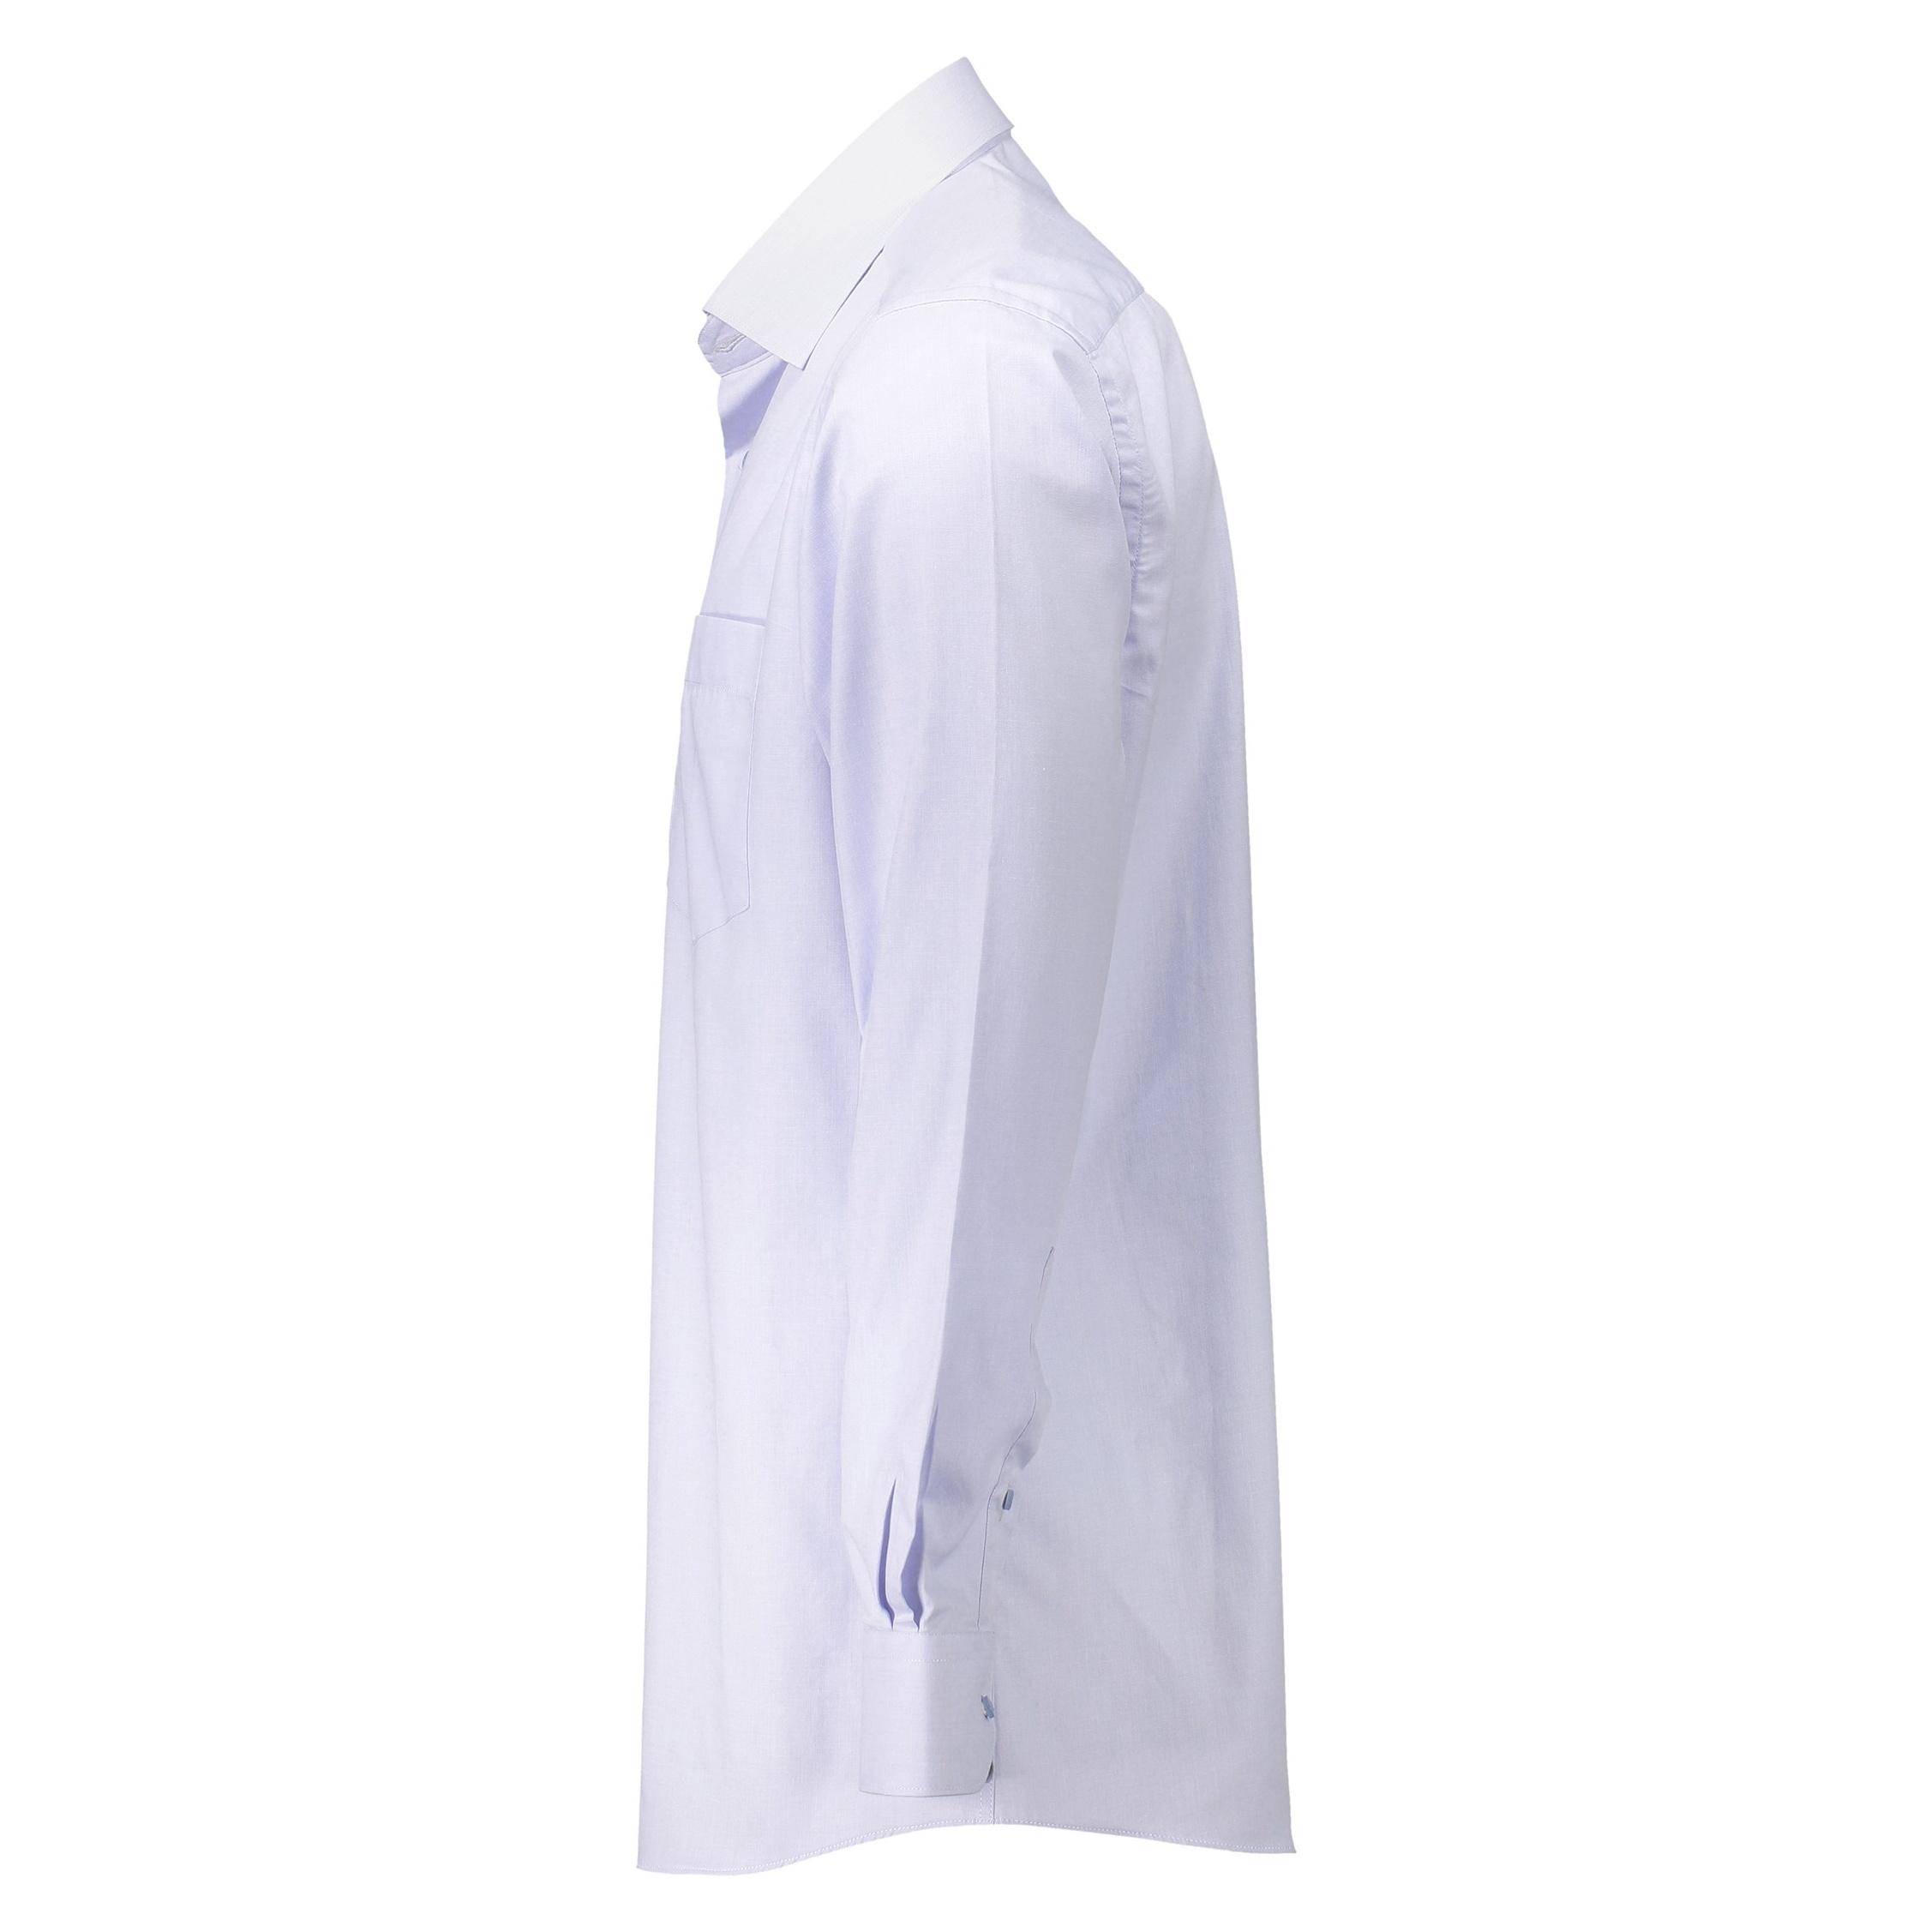 پیراهن آستین بلند مردانه - خانه مد راد - آبي روشن - 3